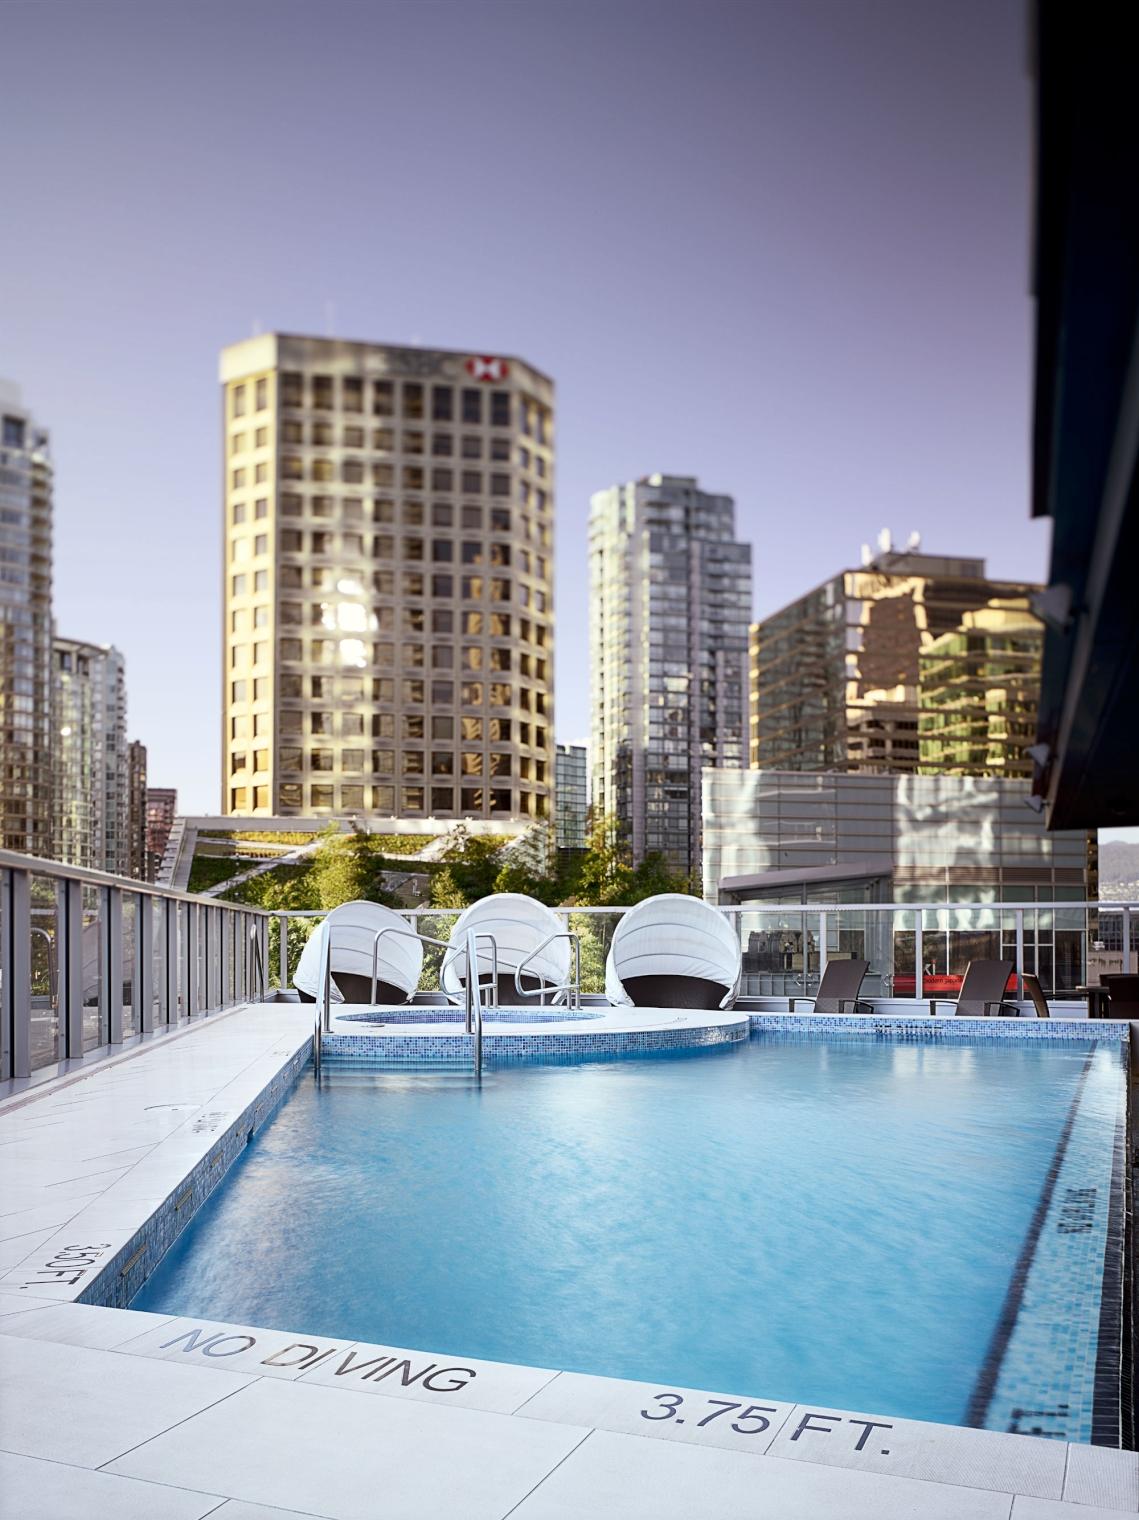 Shangri La Hotel Vancouver Vancouver Canadian Affair